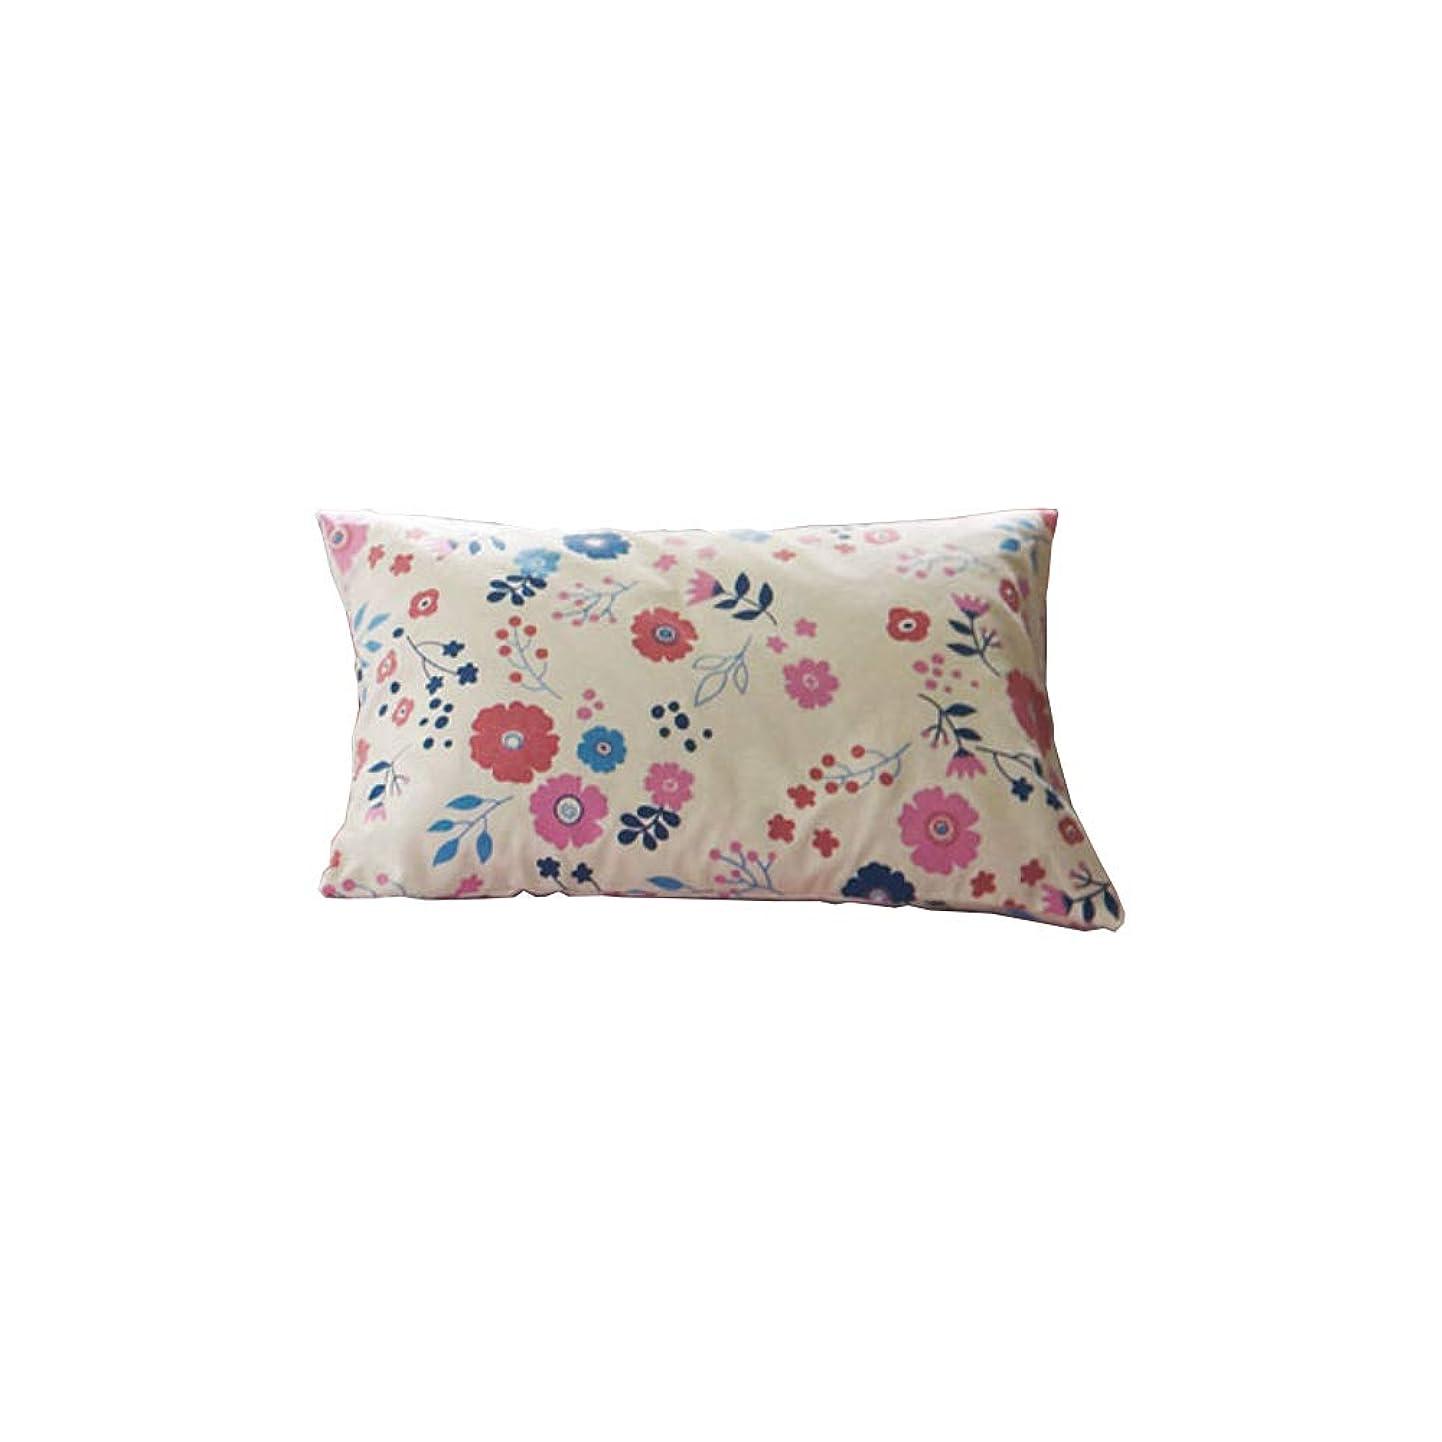 強化リスキーな回転させるセシール 枕カバー ピンク L(63×43cm) 綿100% ネルシャツ素材 小花柄 CR-1104